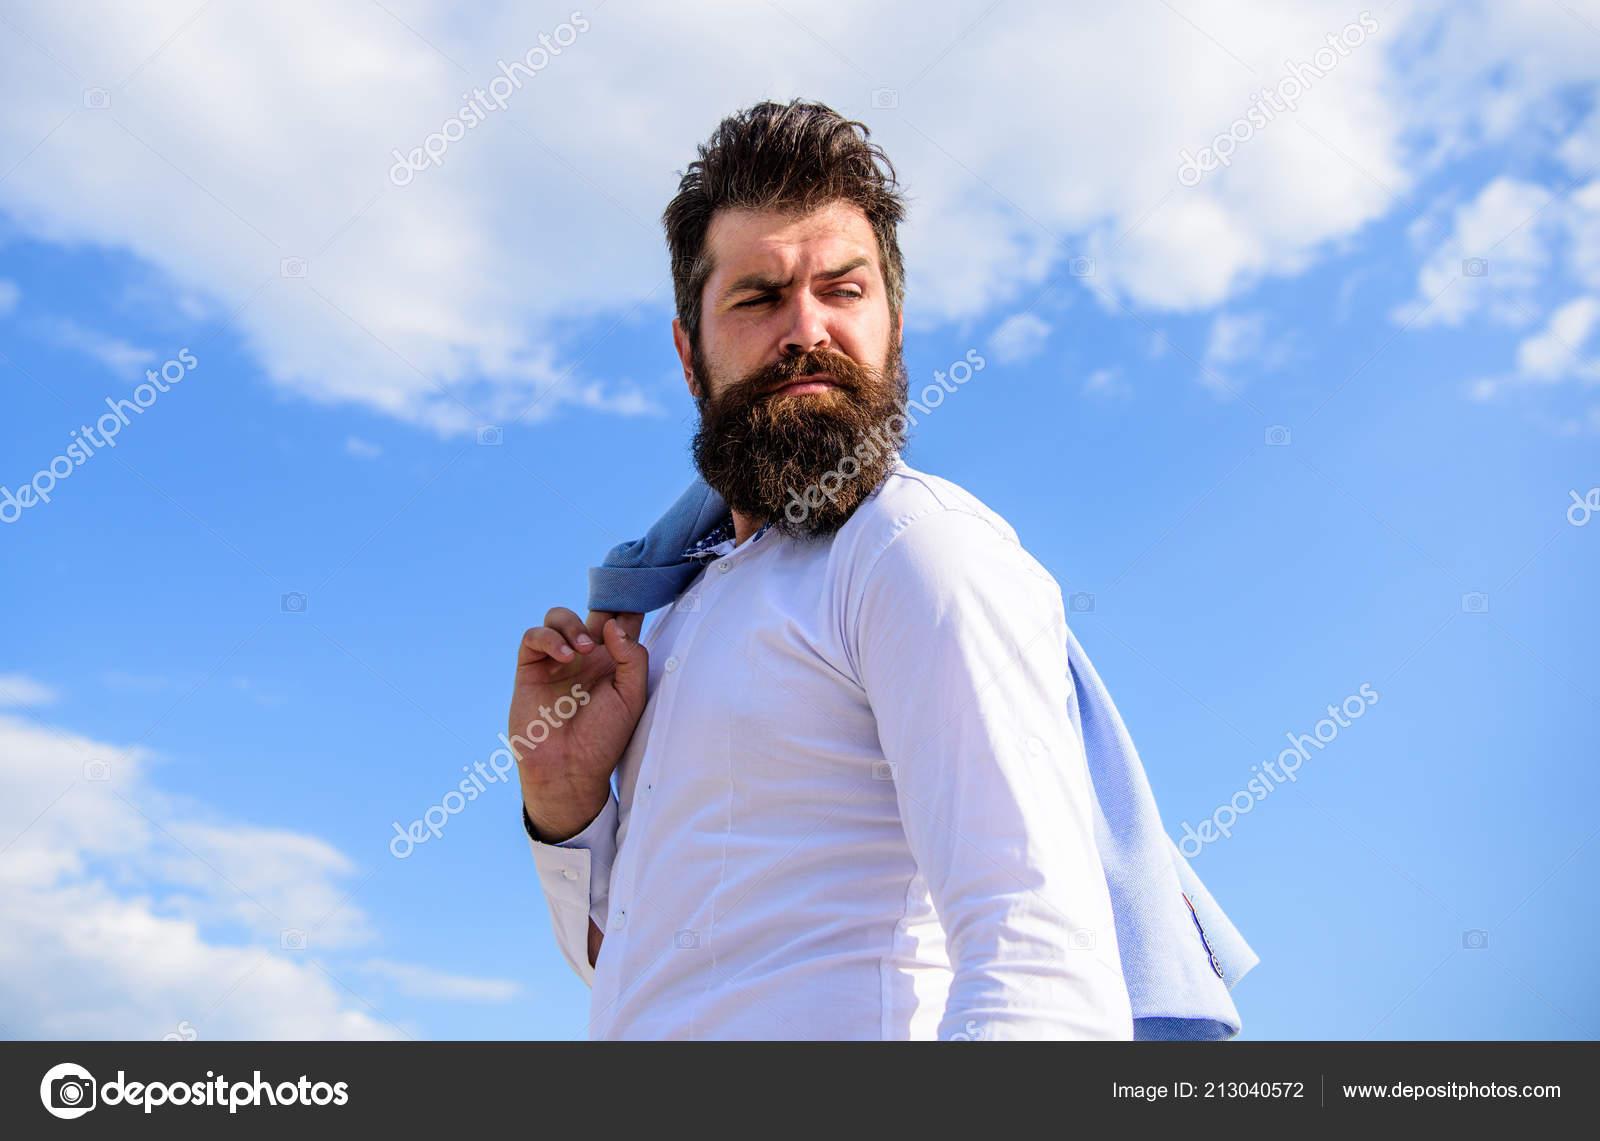 Moda maschile. Aspetto elegante vestito alla moda. Uomo barbuto hipster bianco  vestiti formali sembra forte priorità bassa del cielo. 2e704e8f1b4